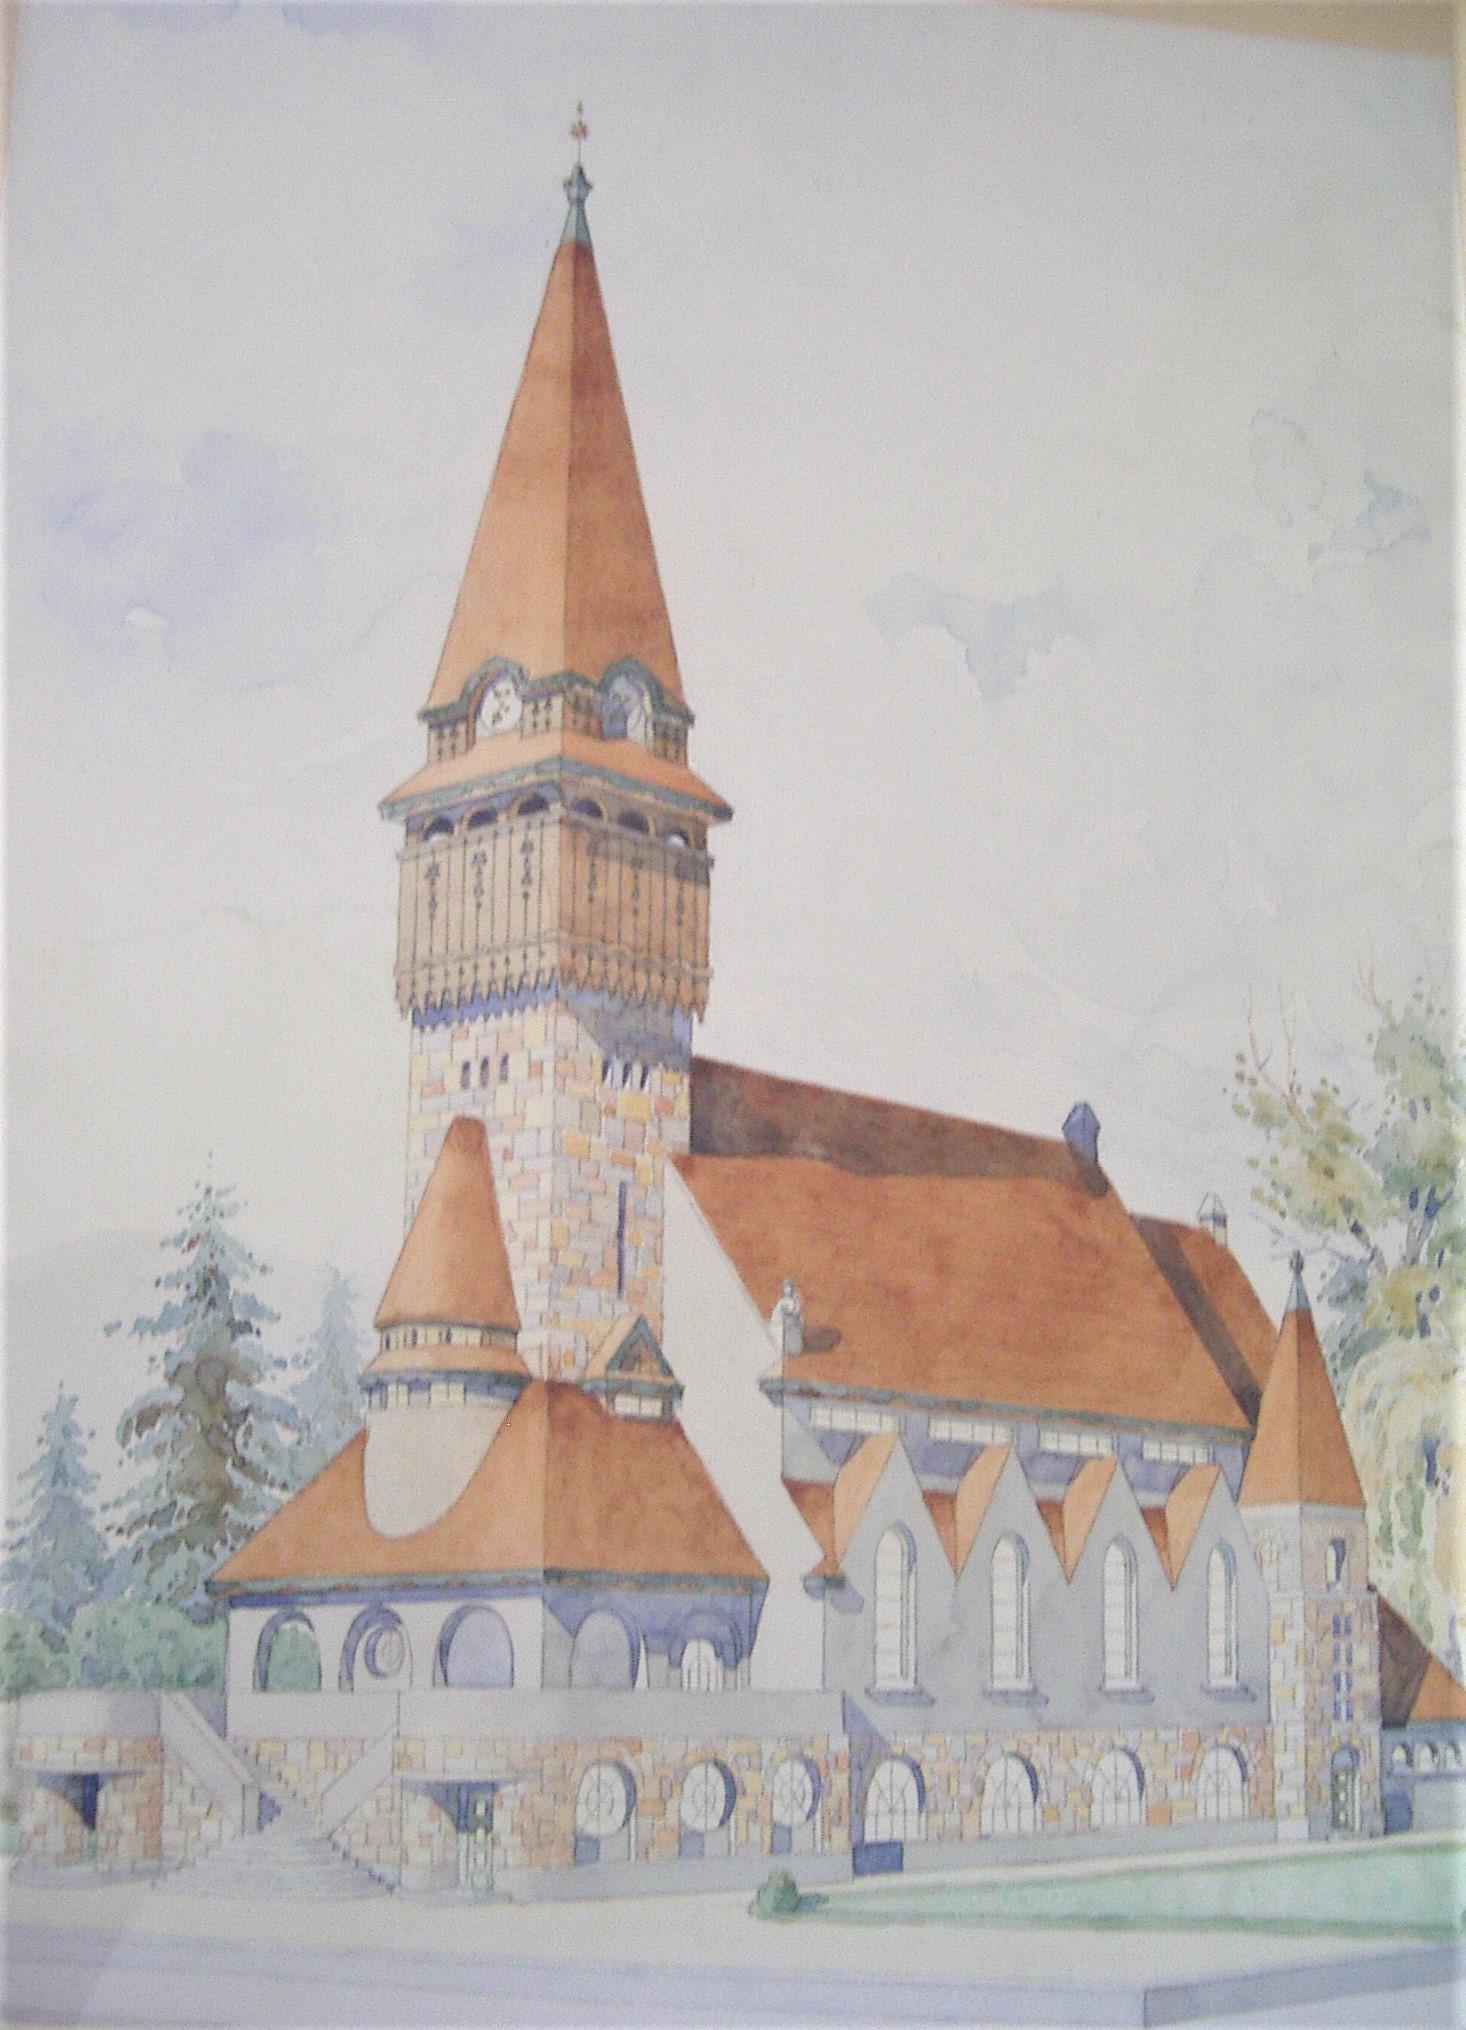 177affb91d Budapest-Pesterzsébet Klapka téri Református Egyházközség, Szeghalmy Bálint  terve, papír, akvarell, Méret: 41,5 x 53 cm